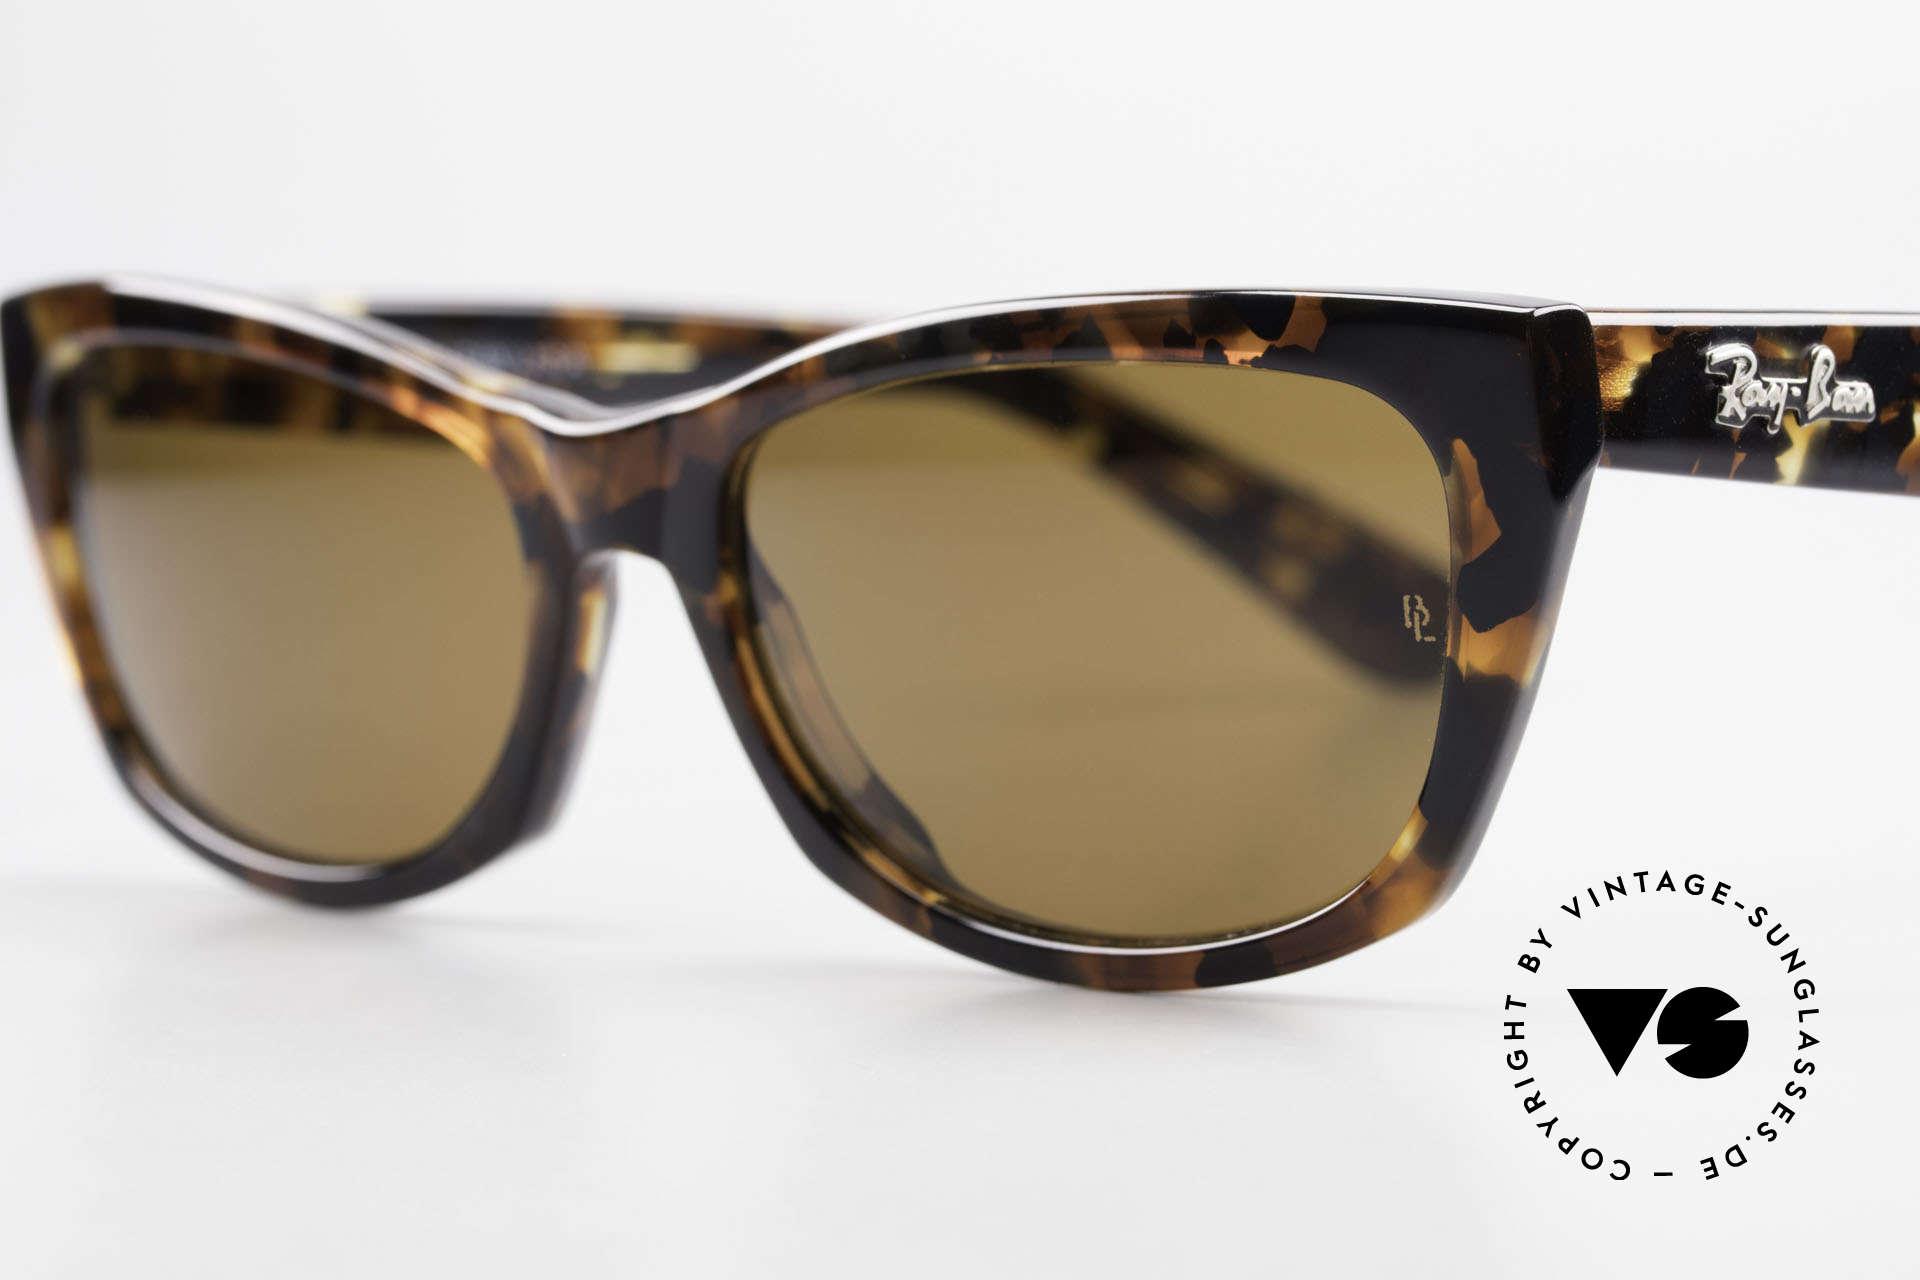 Ray Ban Innerview Alte B&L USA Sonnenbrille, legendäre B&L B15 Mineralgläser (100% UV Schutz), Passend für Damen